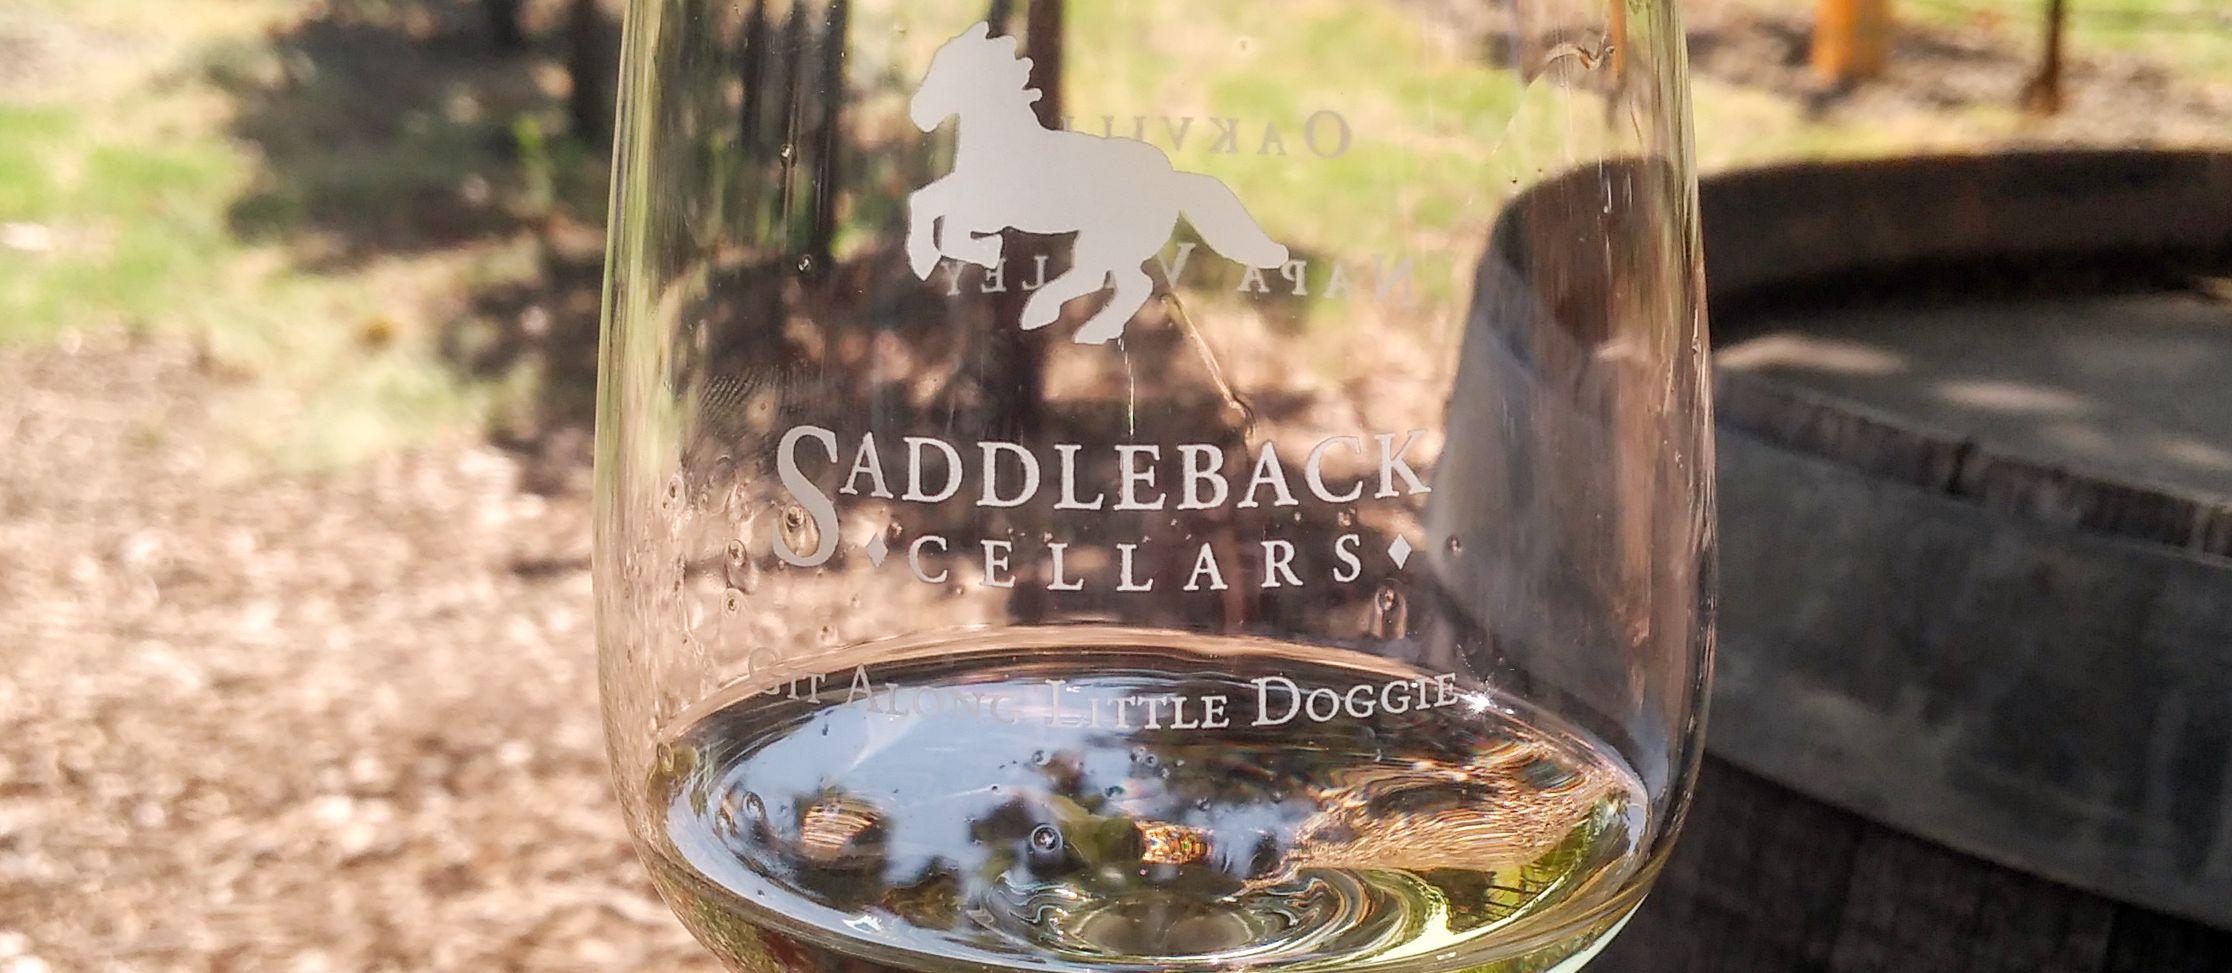 Weinprobe im Saddleback Cellars Weingut im Napa Valley, Kalifornien